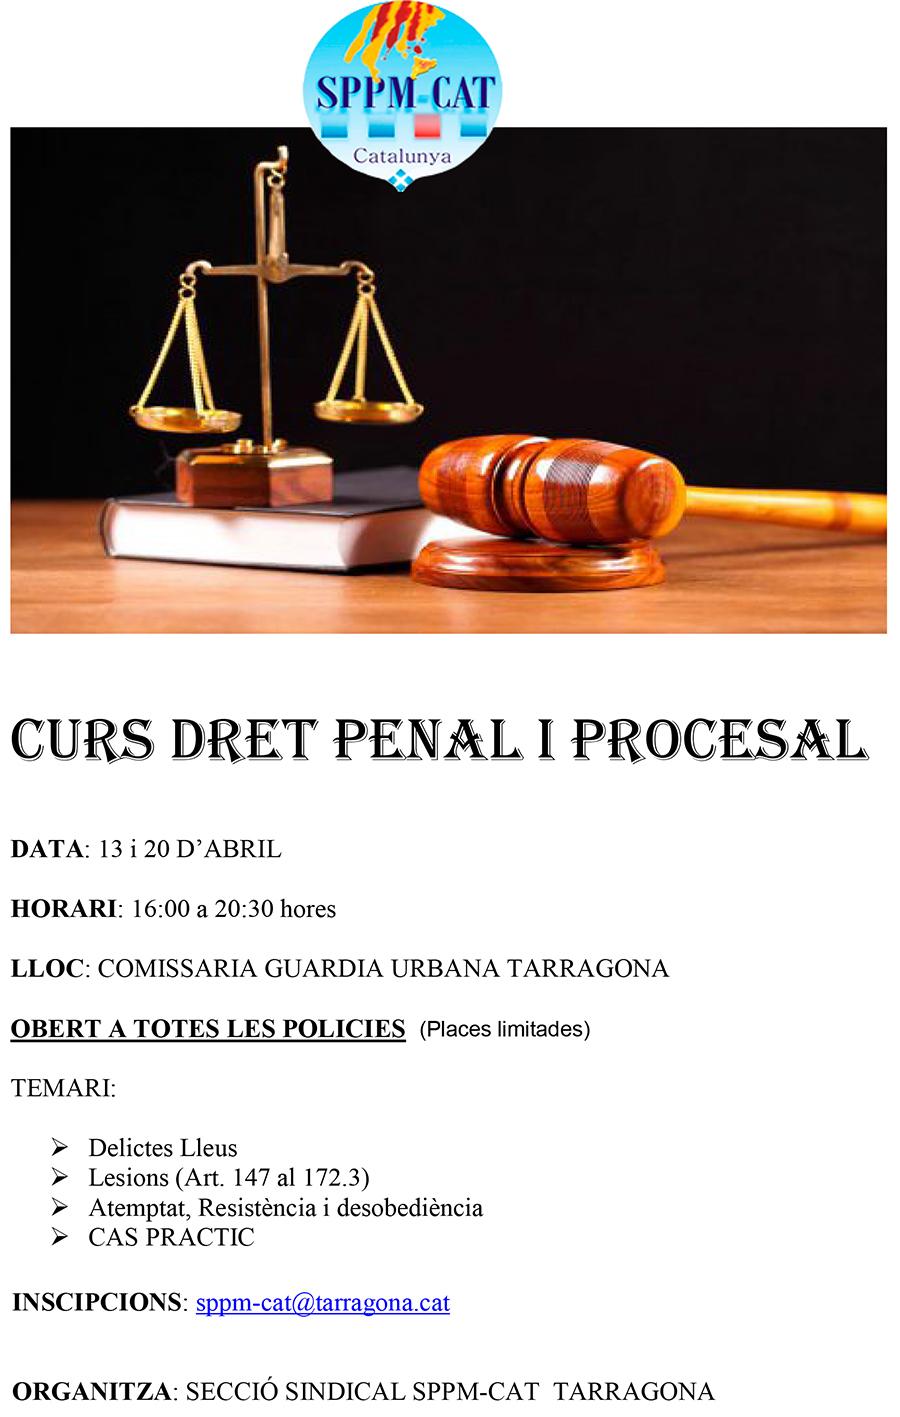 Secció sindical SPPM Cat de Tarragona-Curs Dret Penal i Procesal